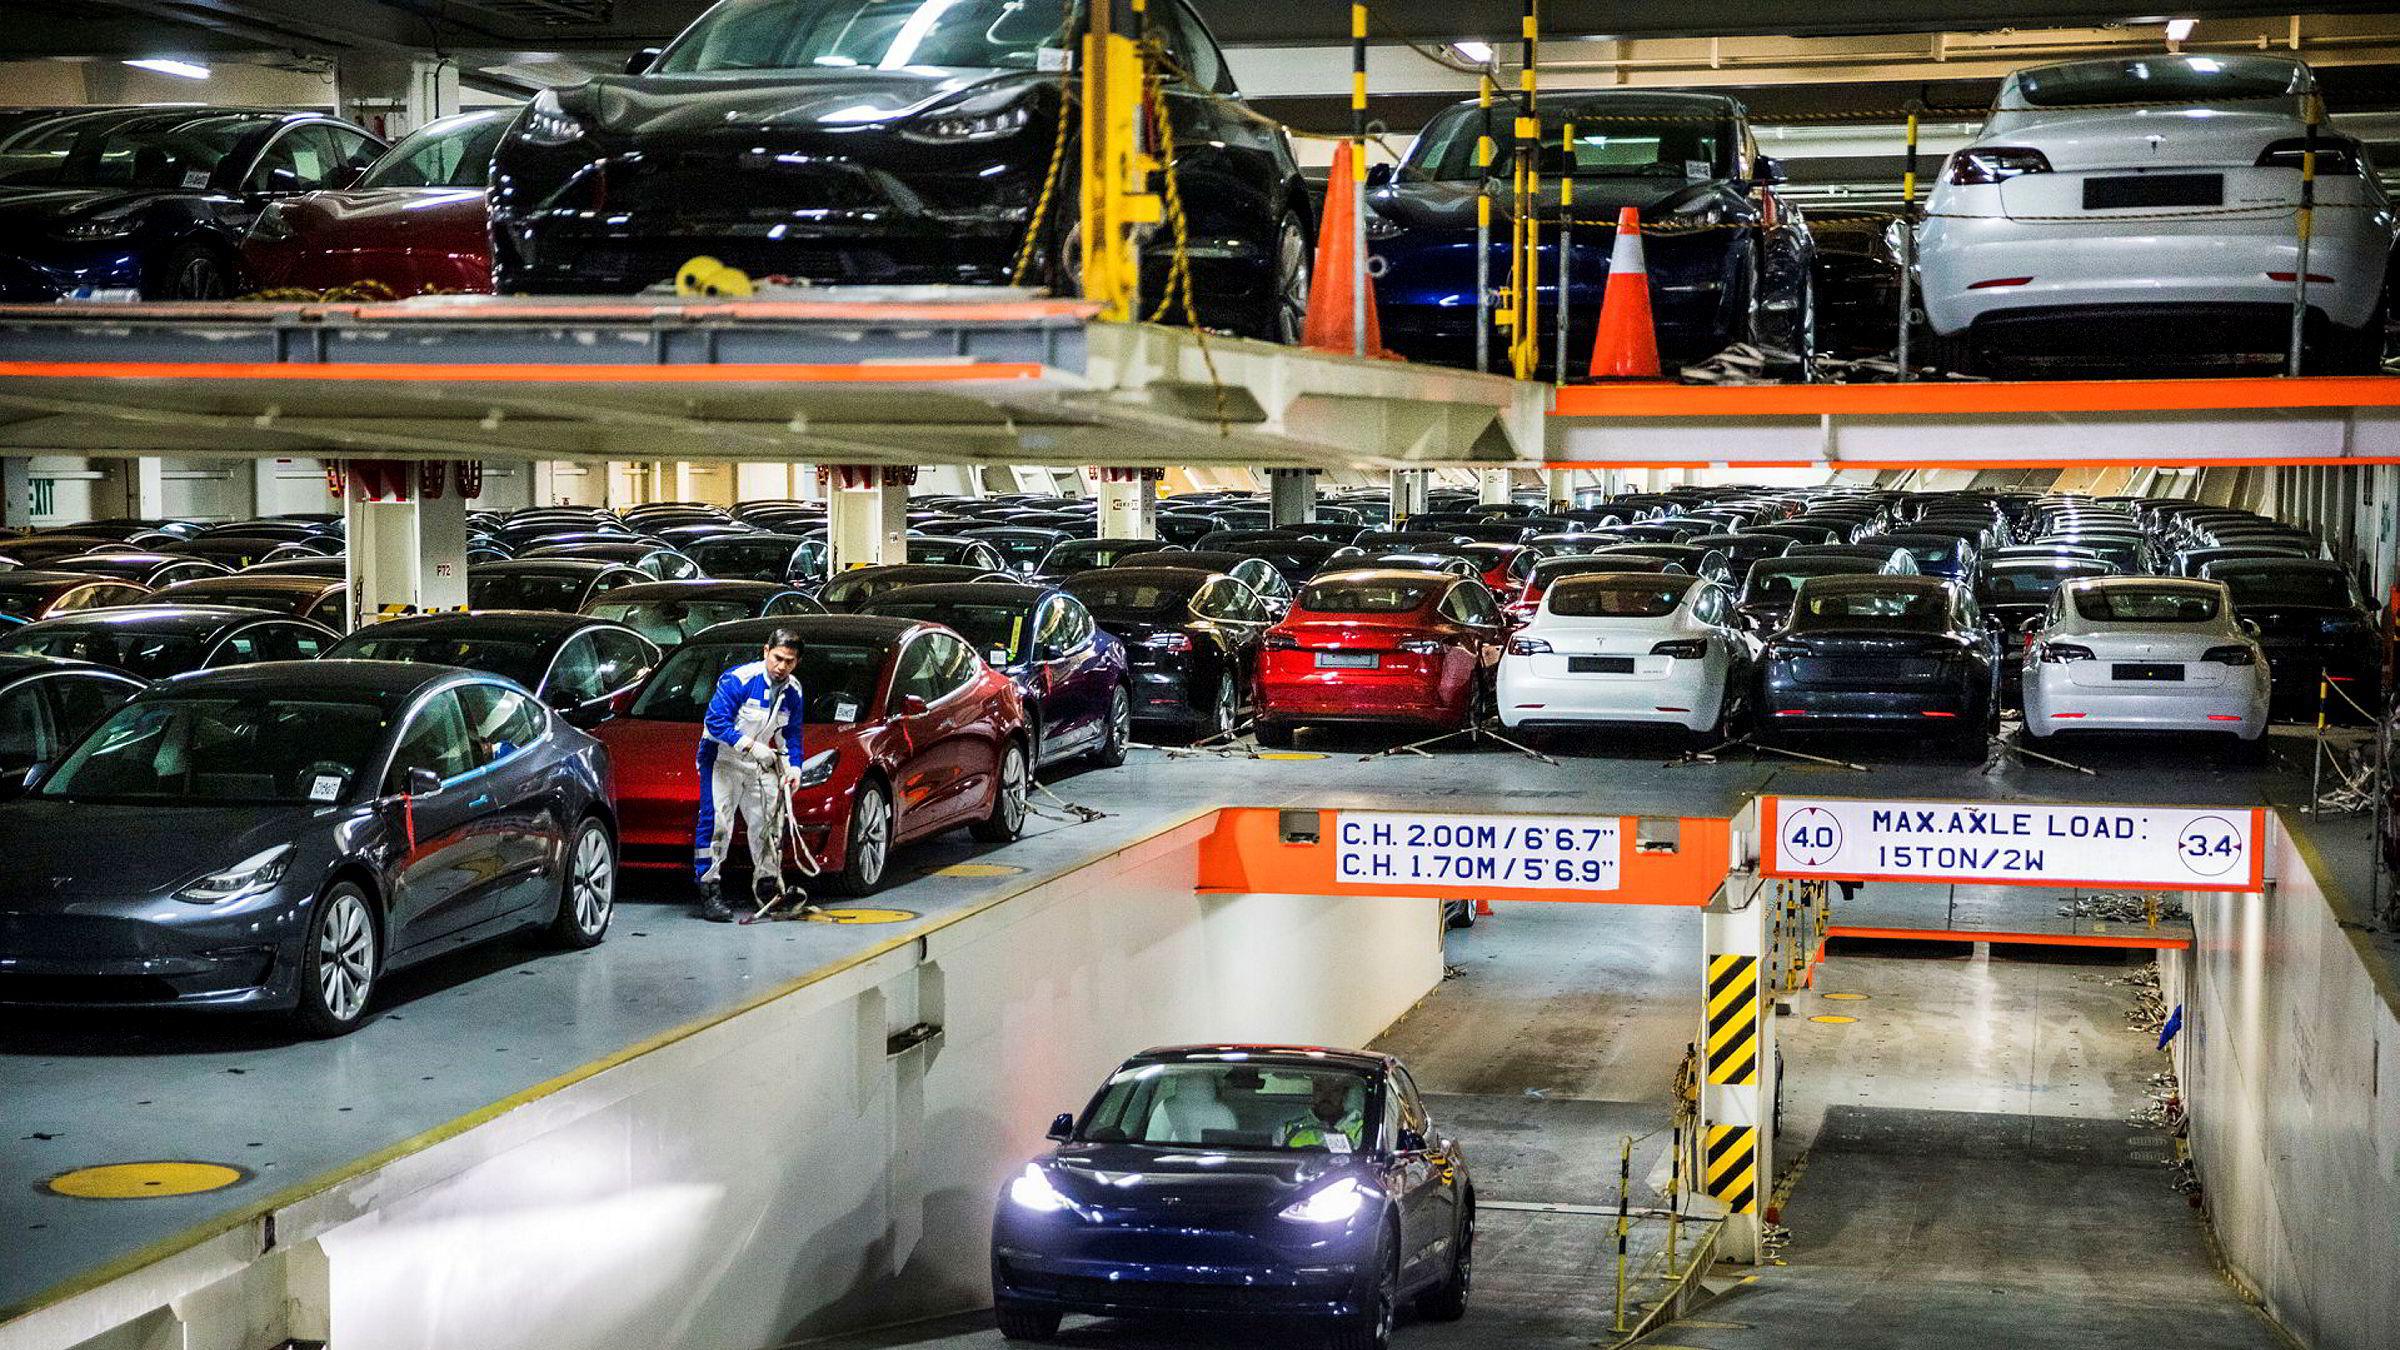 Til tross for rekordsalg av nye Tesla-modeller, falt salget av nye biler i fjor. Fallet startet allerede i januar 2019.